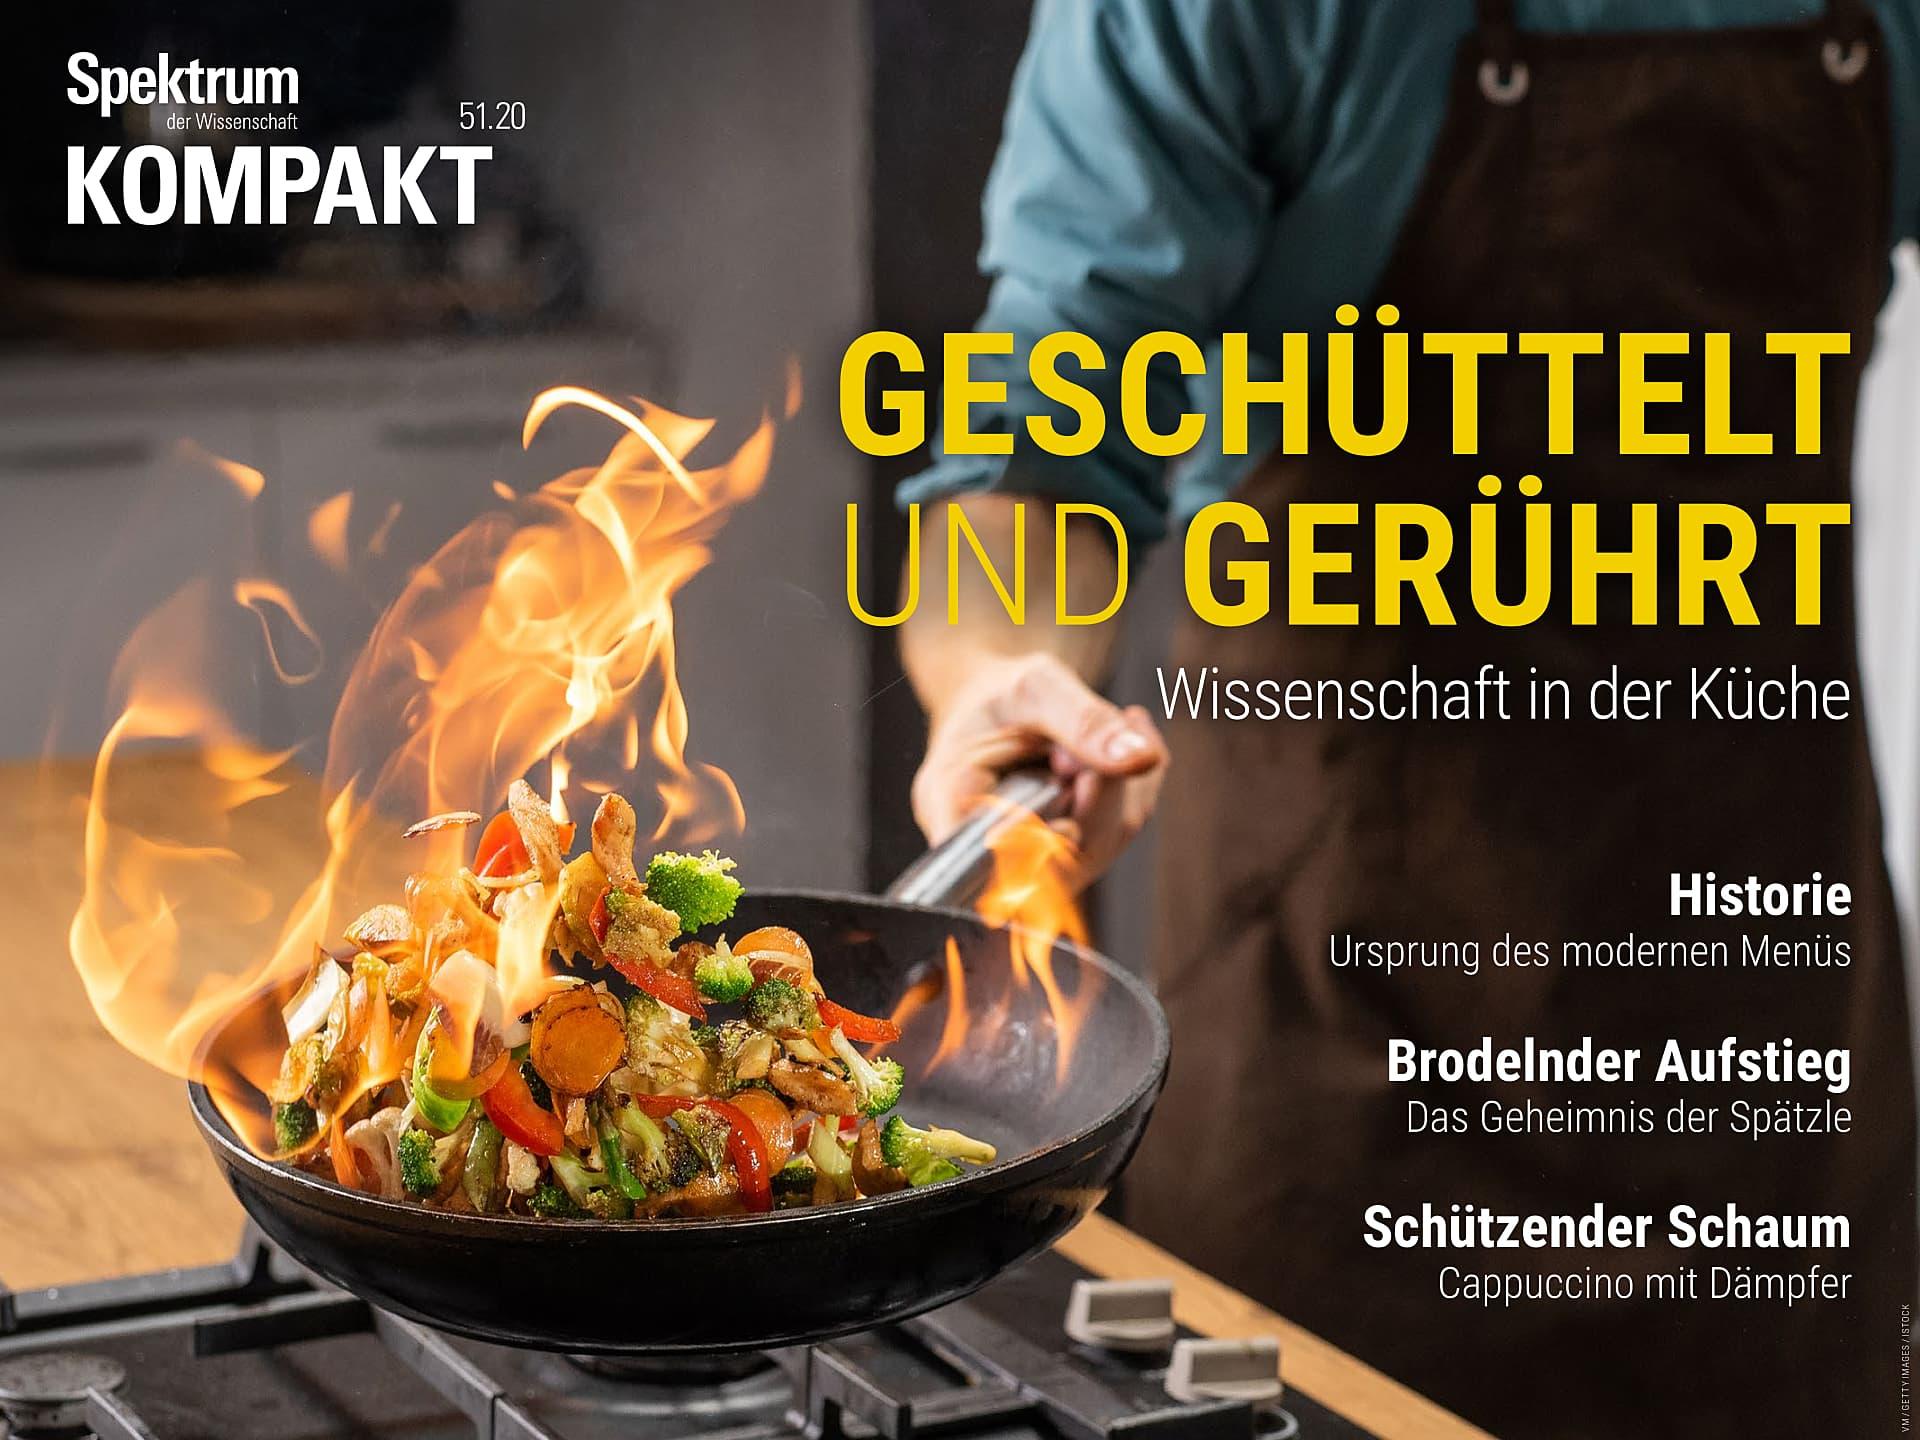 Geschüttelt und gerührt - Wissenschaft in der Küche